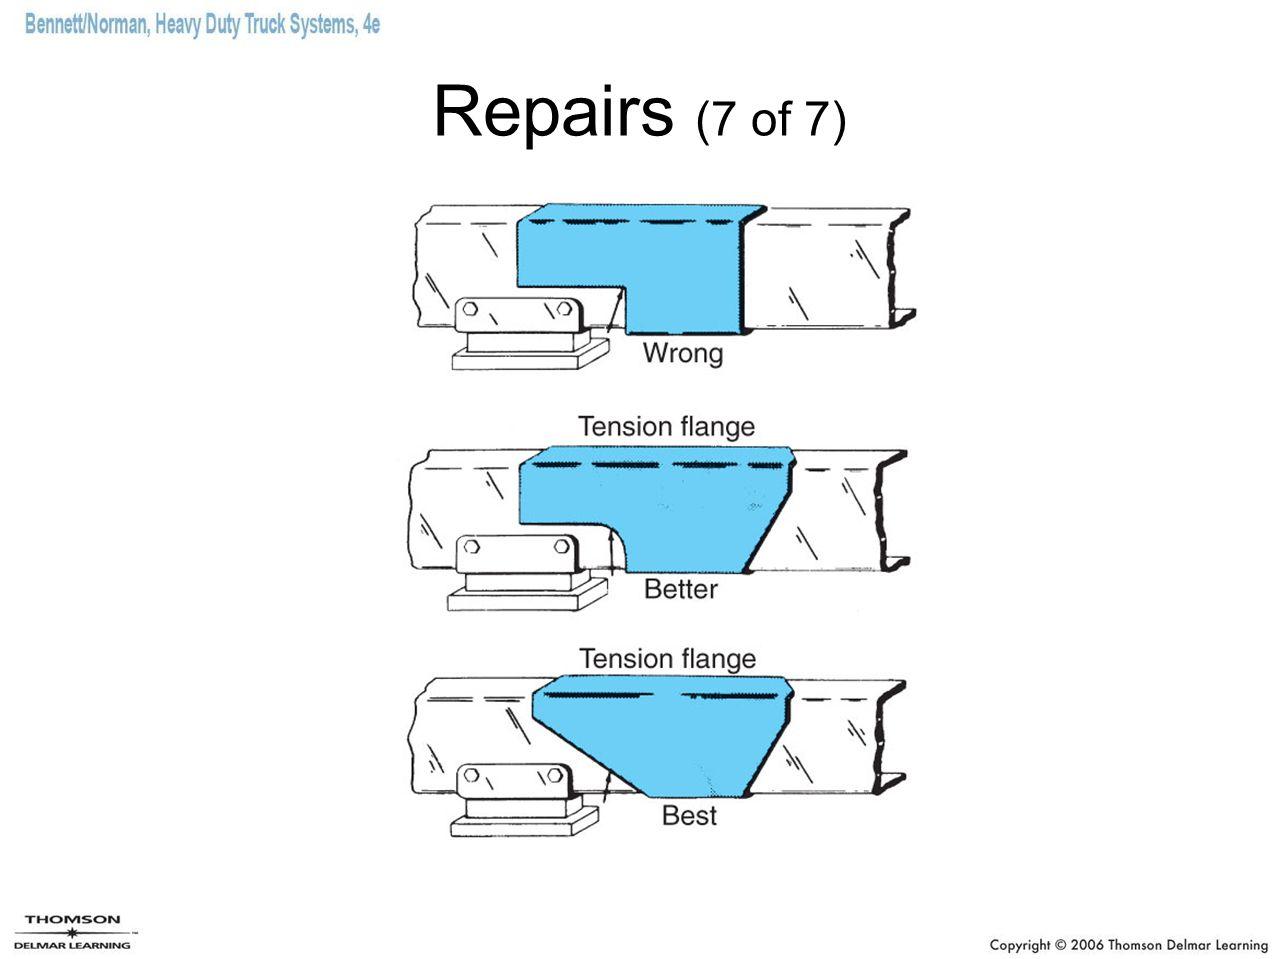 Repairs (7 of 7)